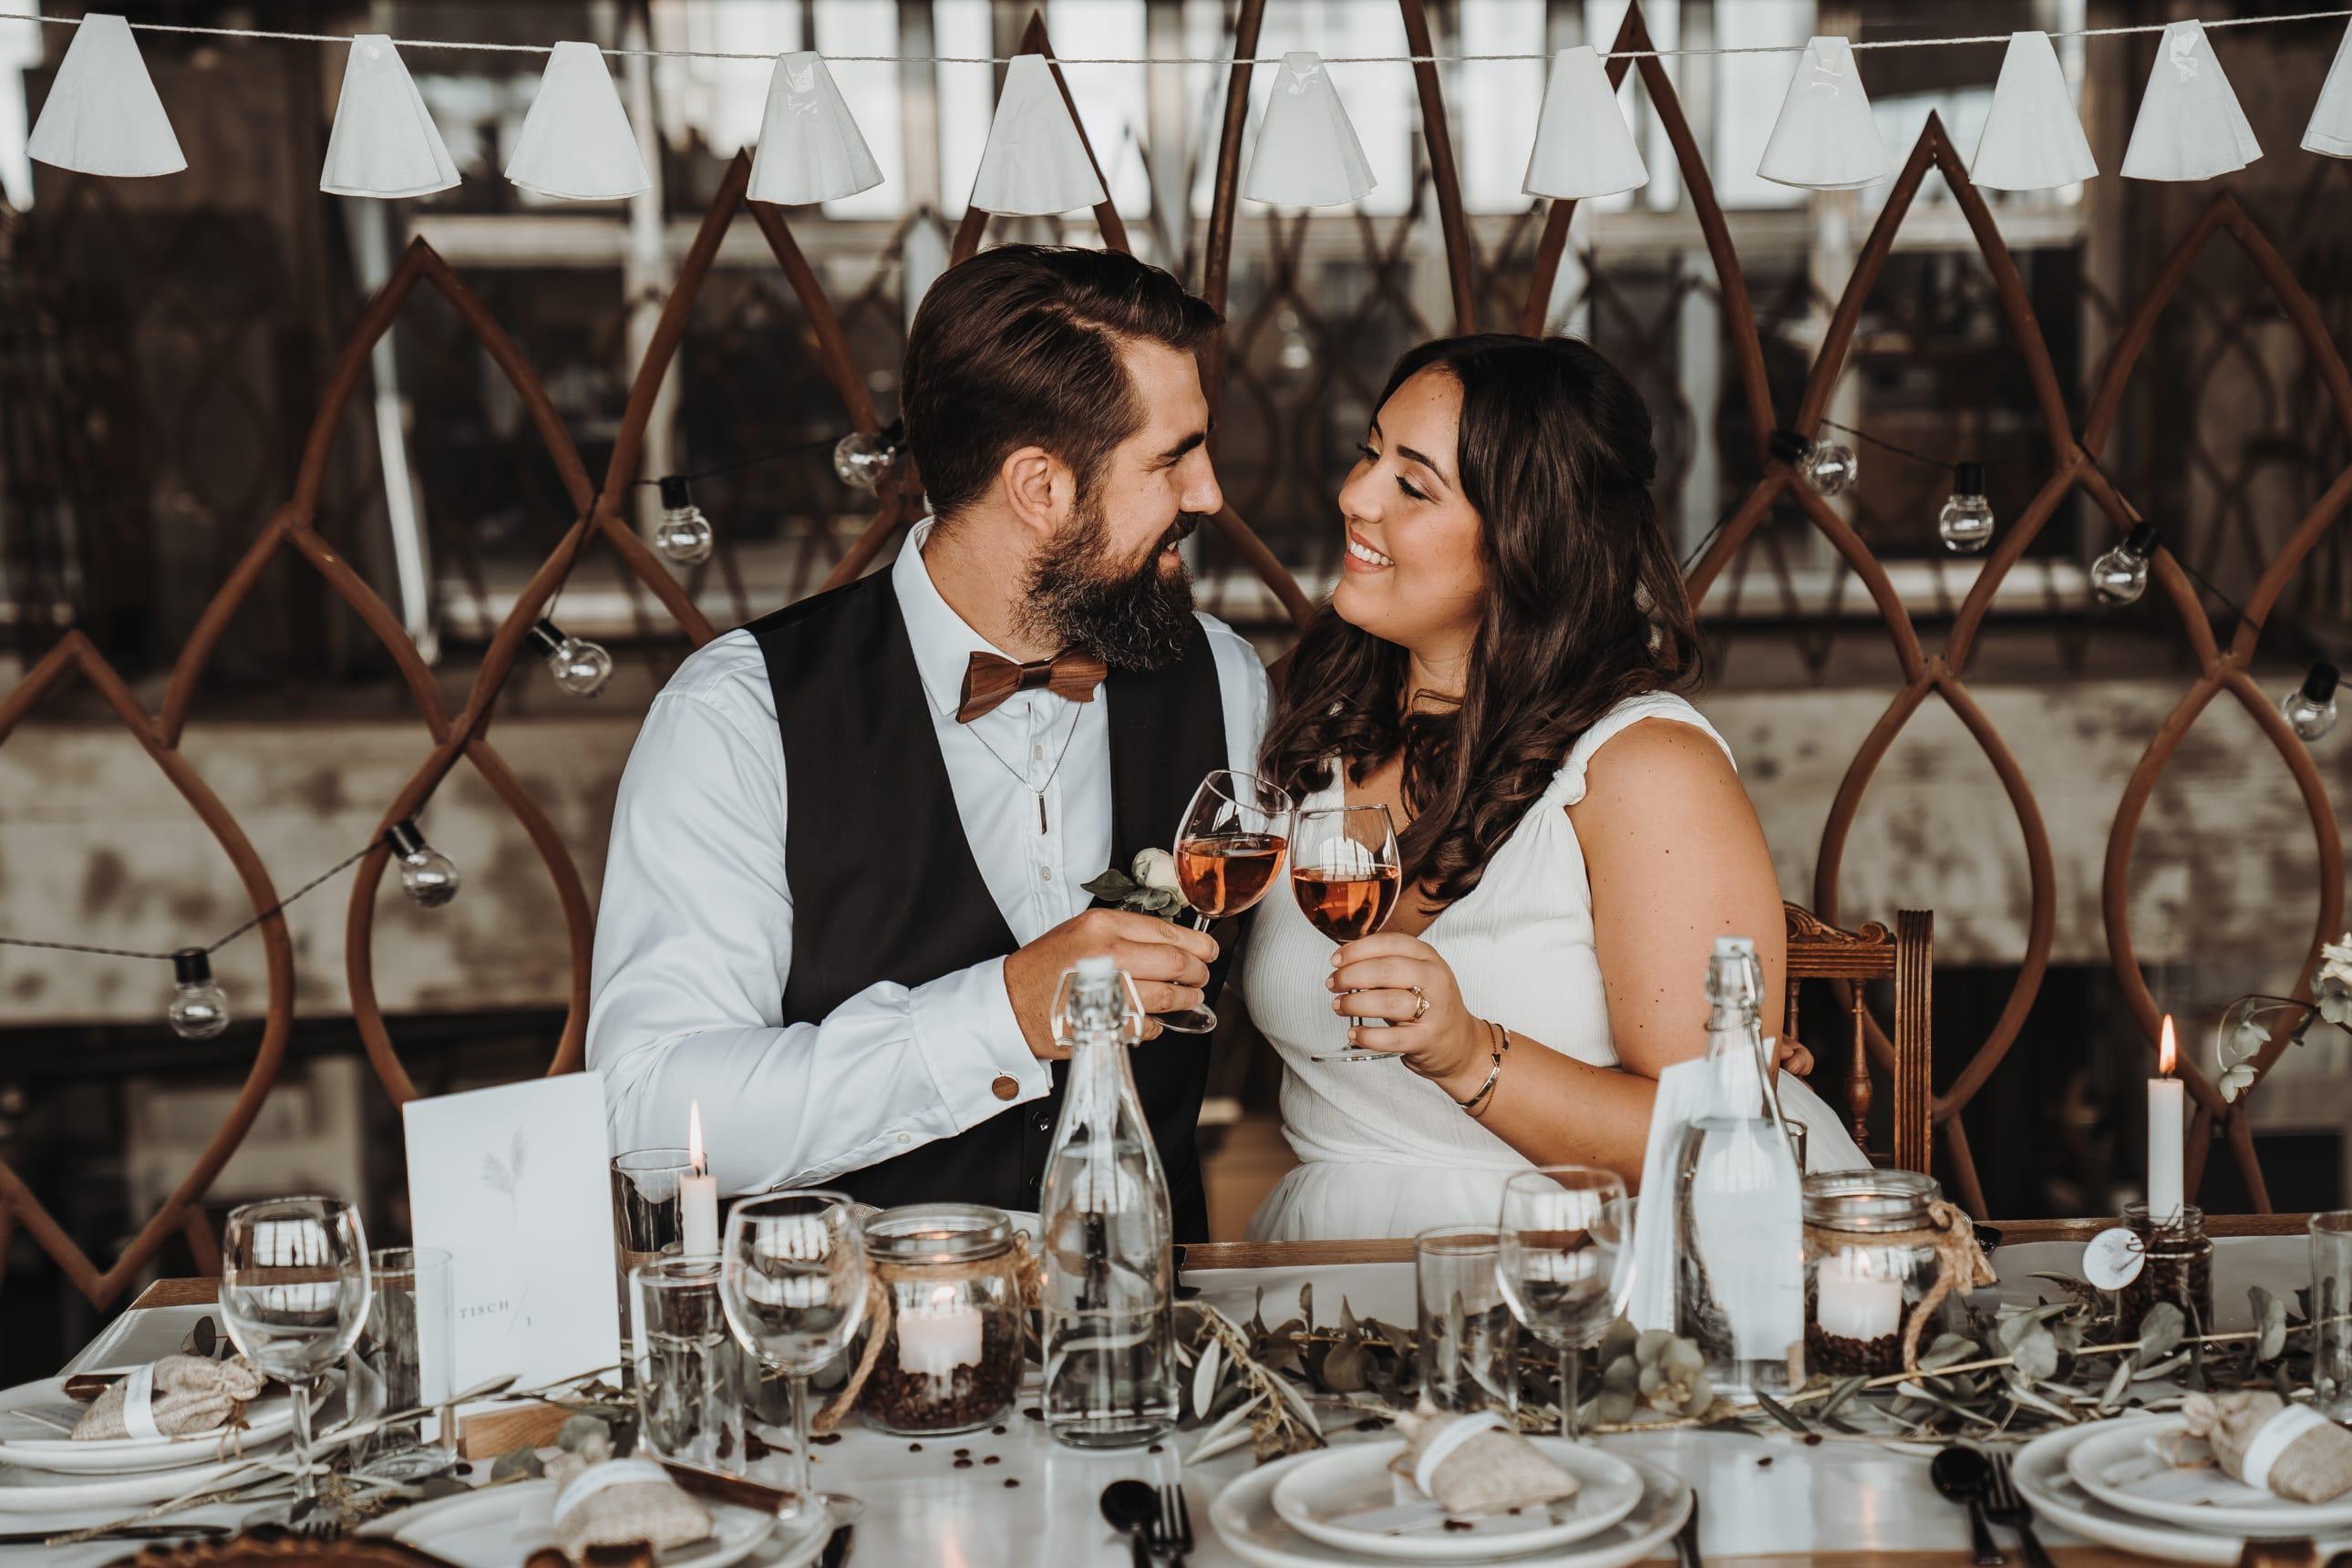 Tischdekoration_Hochzeit_03